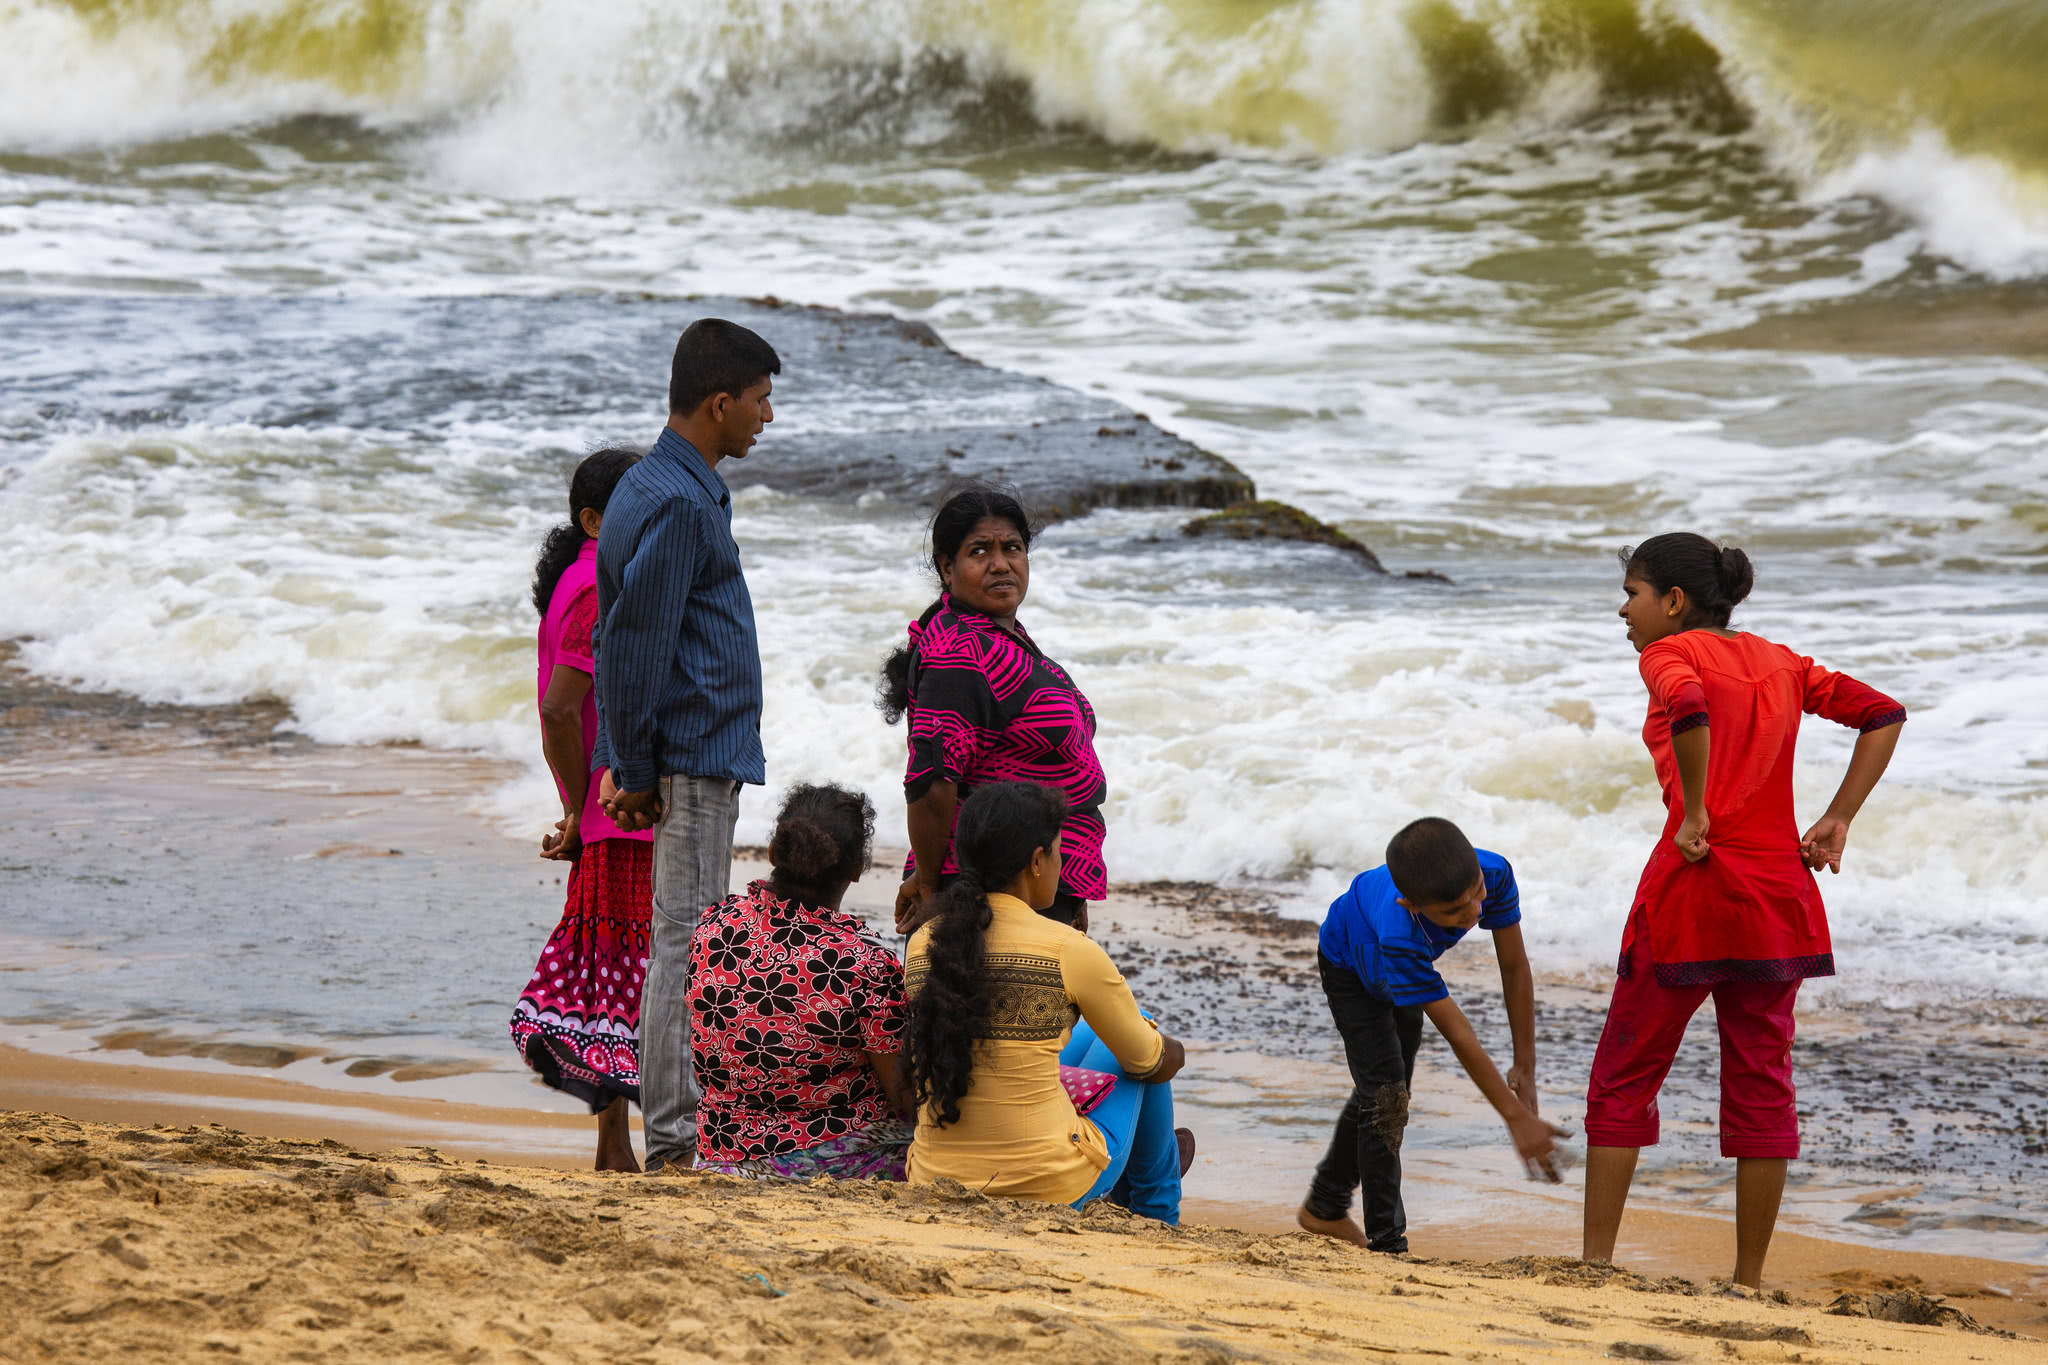 泰国对中国游客强收小费,此国与印度相邻,却视中国游客为朋友